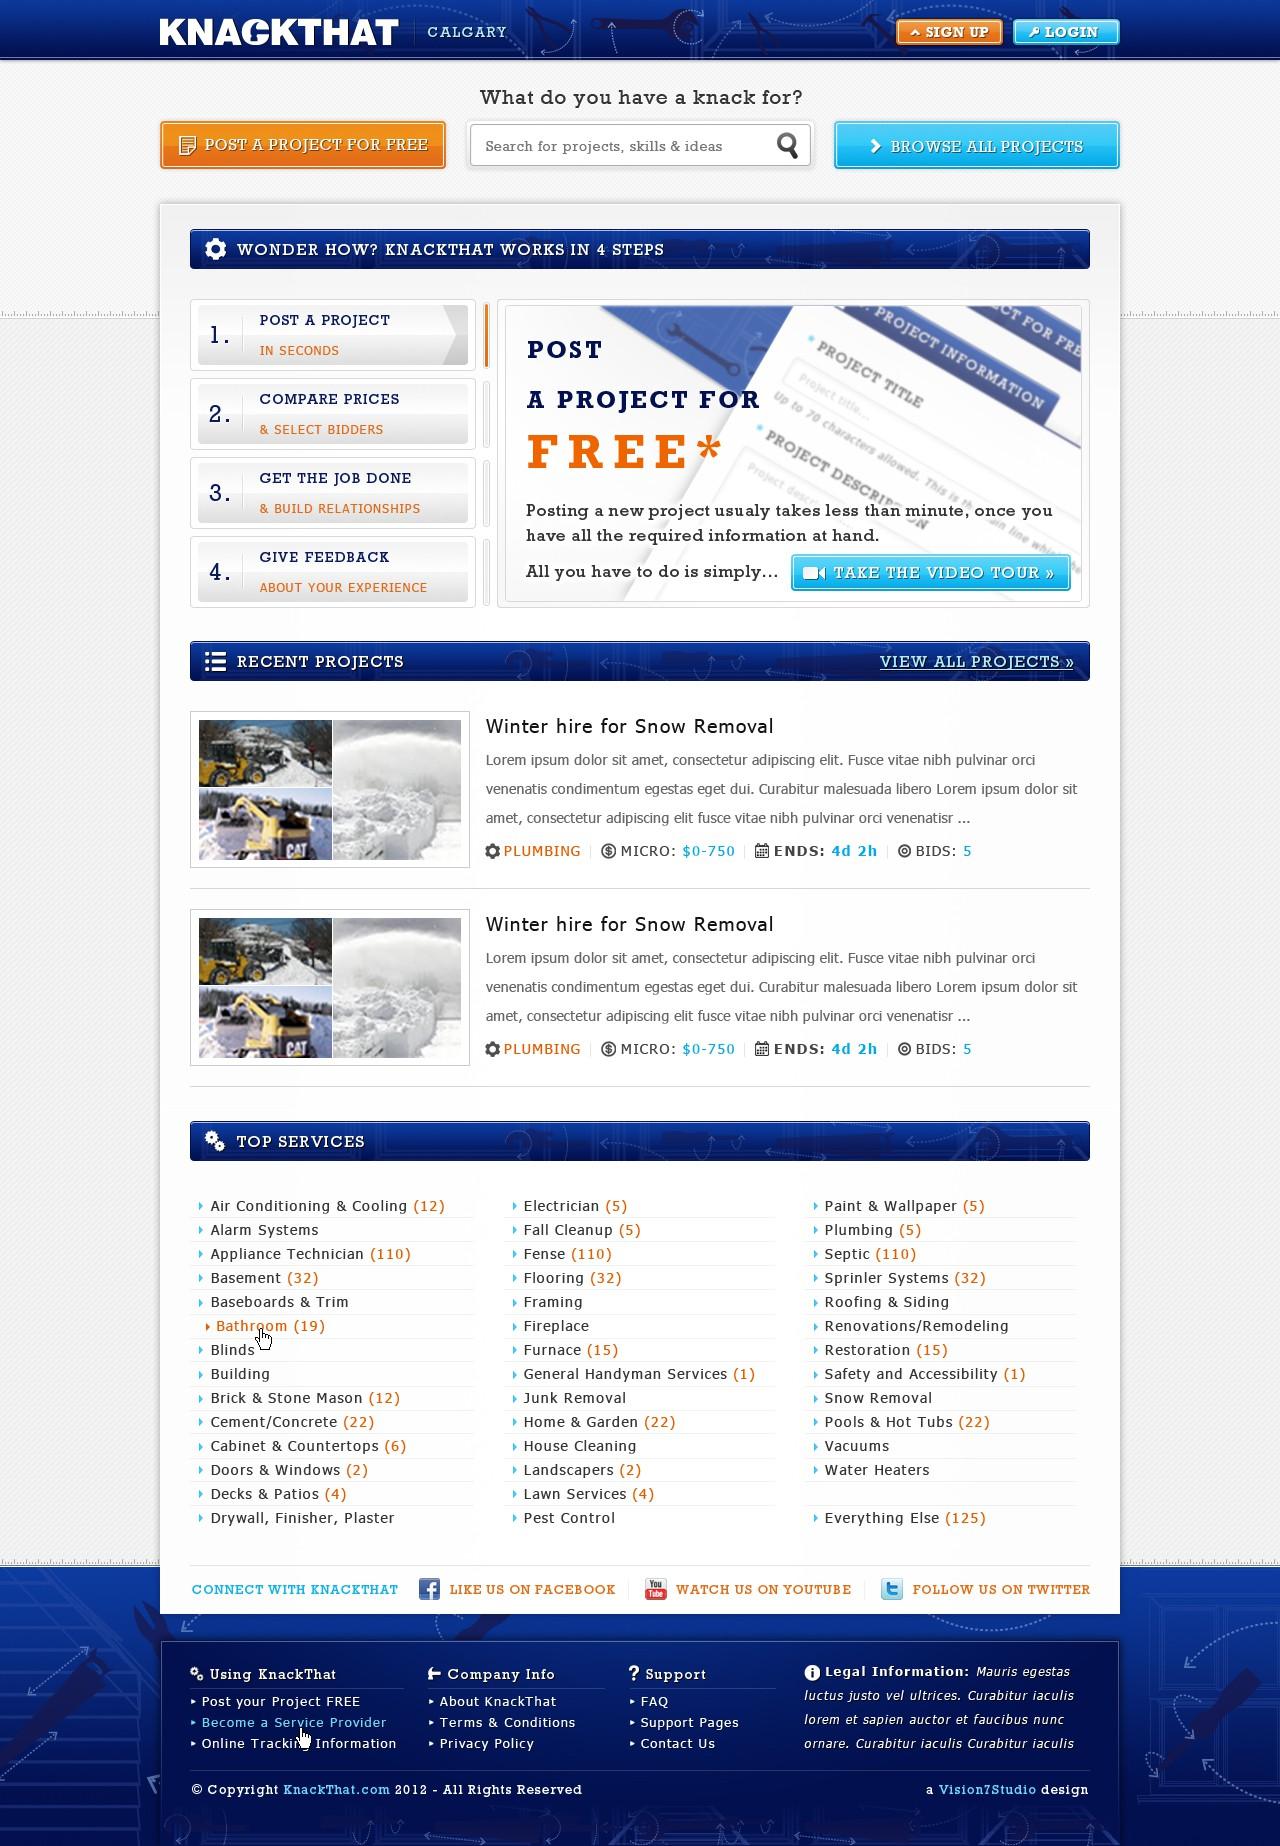 KnackThat needs a new website design